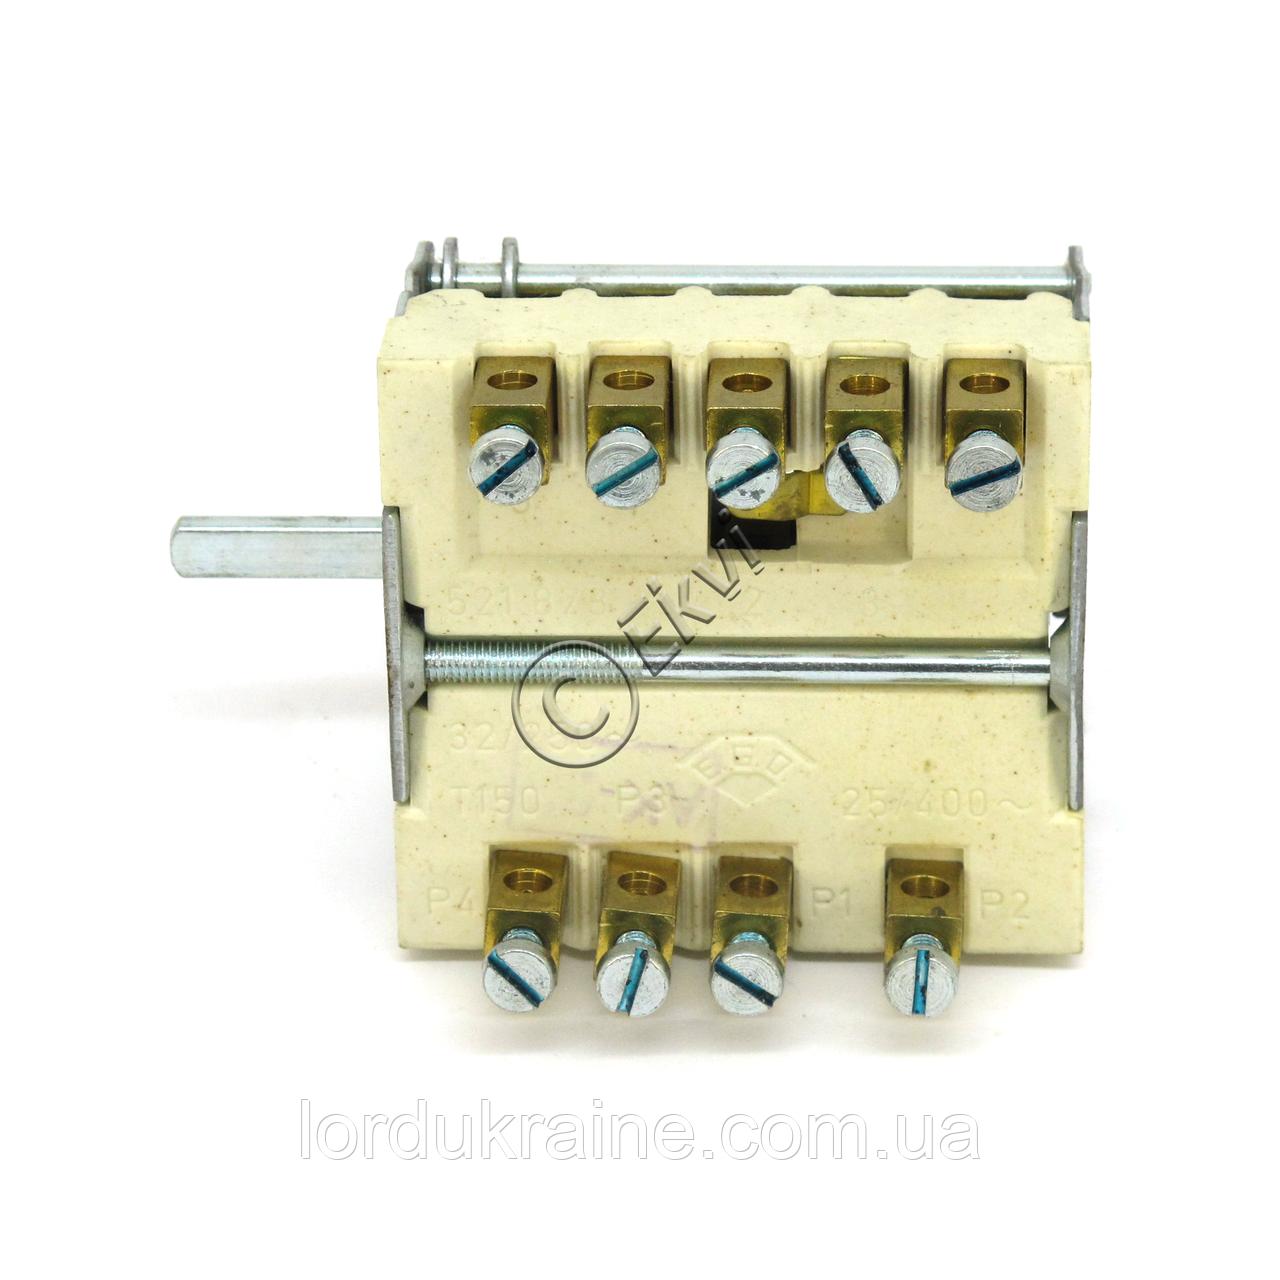 Выключатель TS-1518 для оборудования Kogast (Kovinastroj)